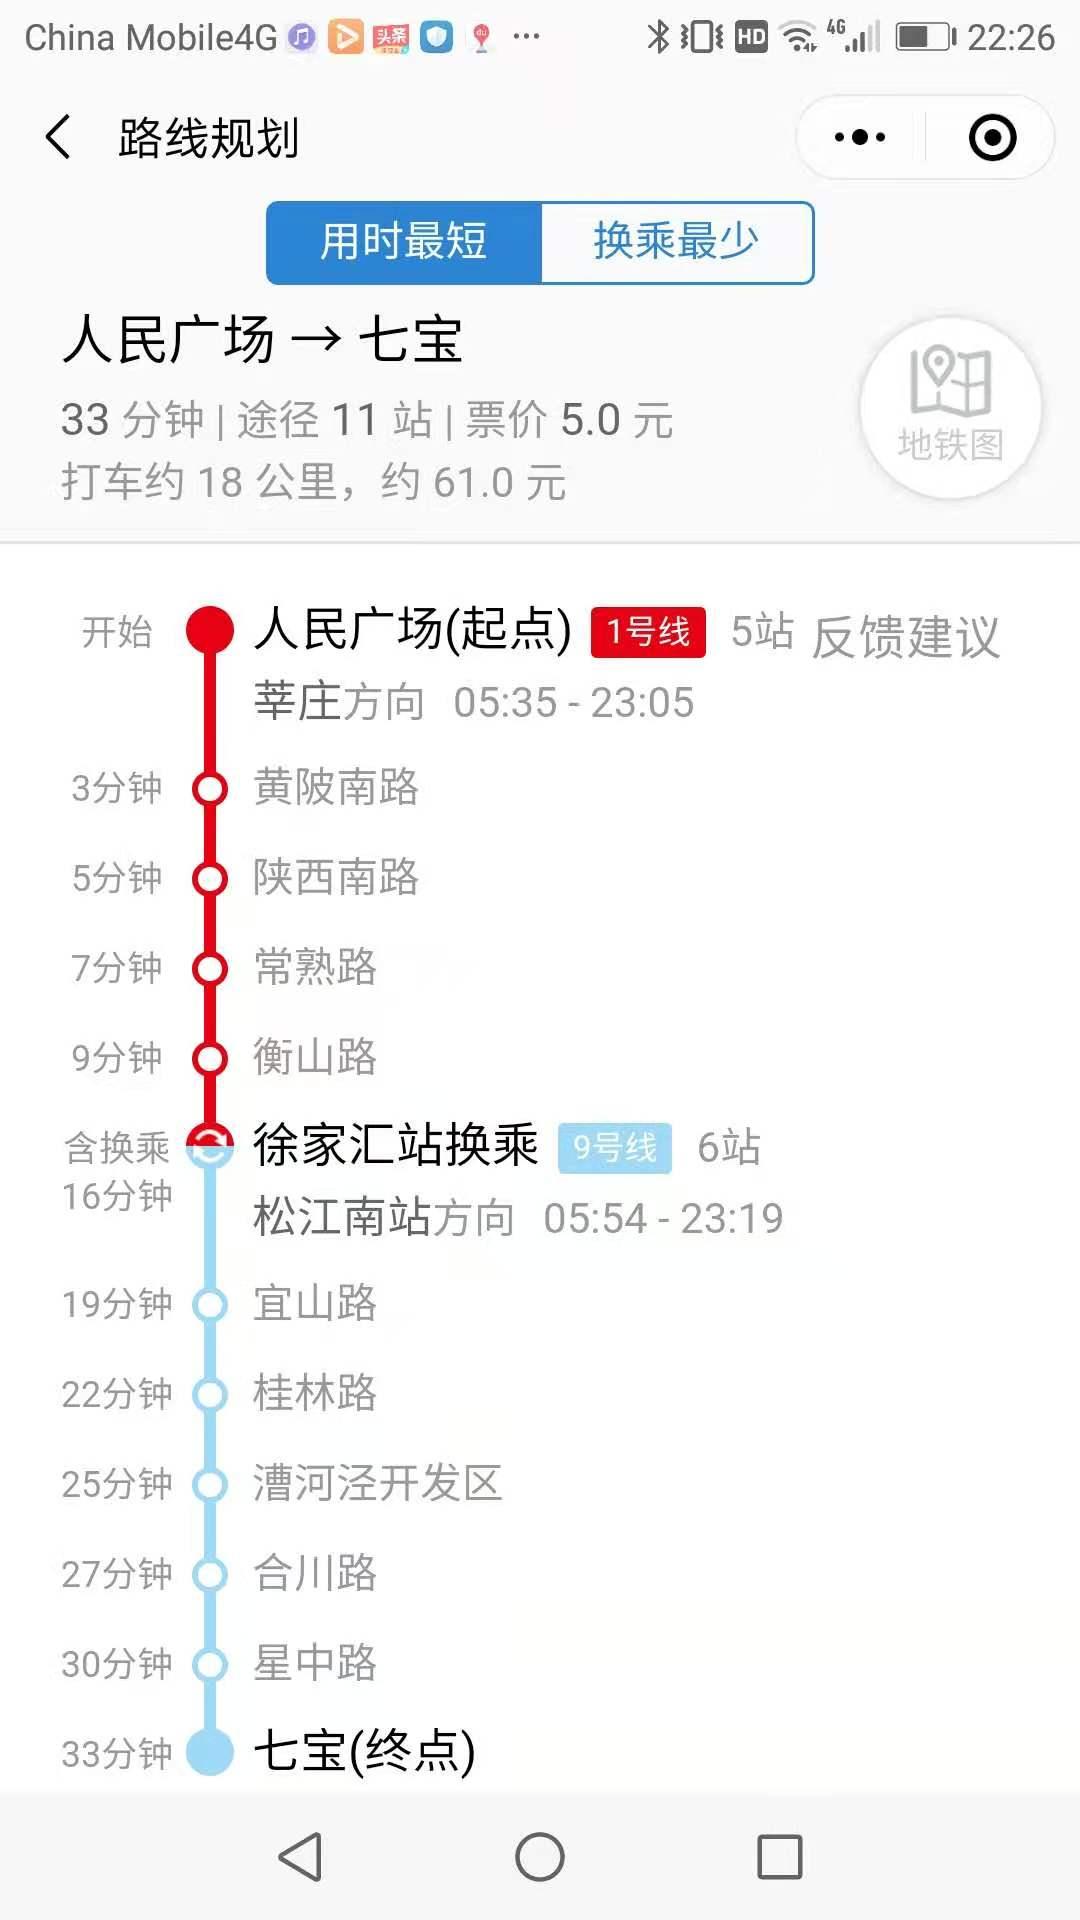 上海市内(人民広場)から七宝までの行き方の詳細の写真